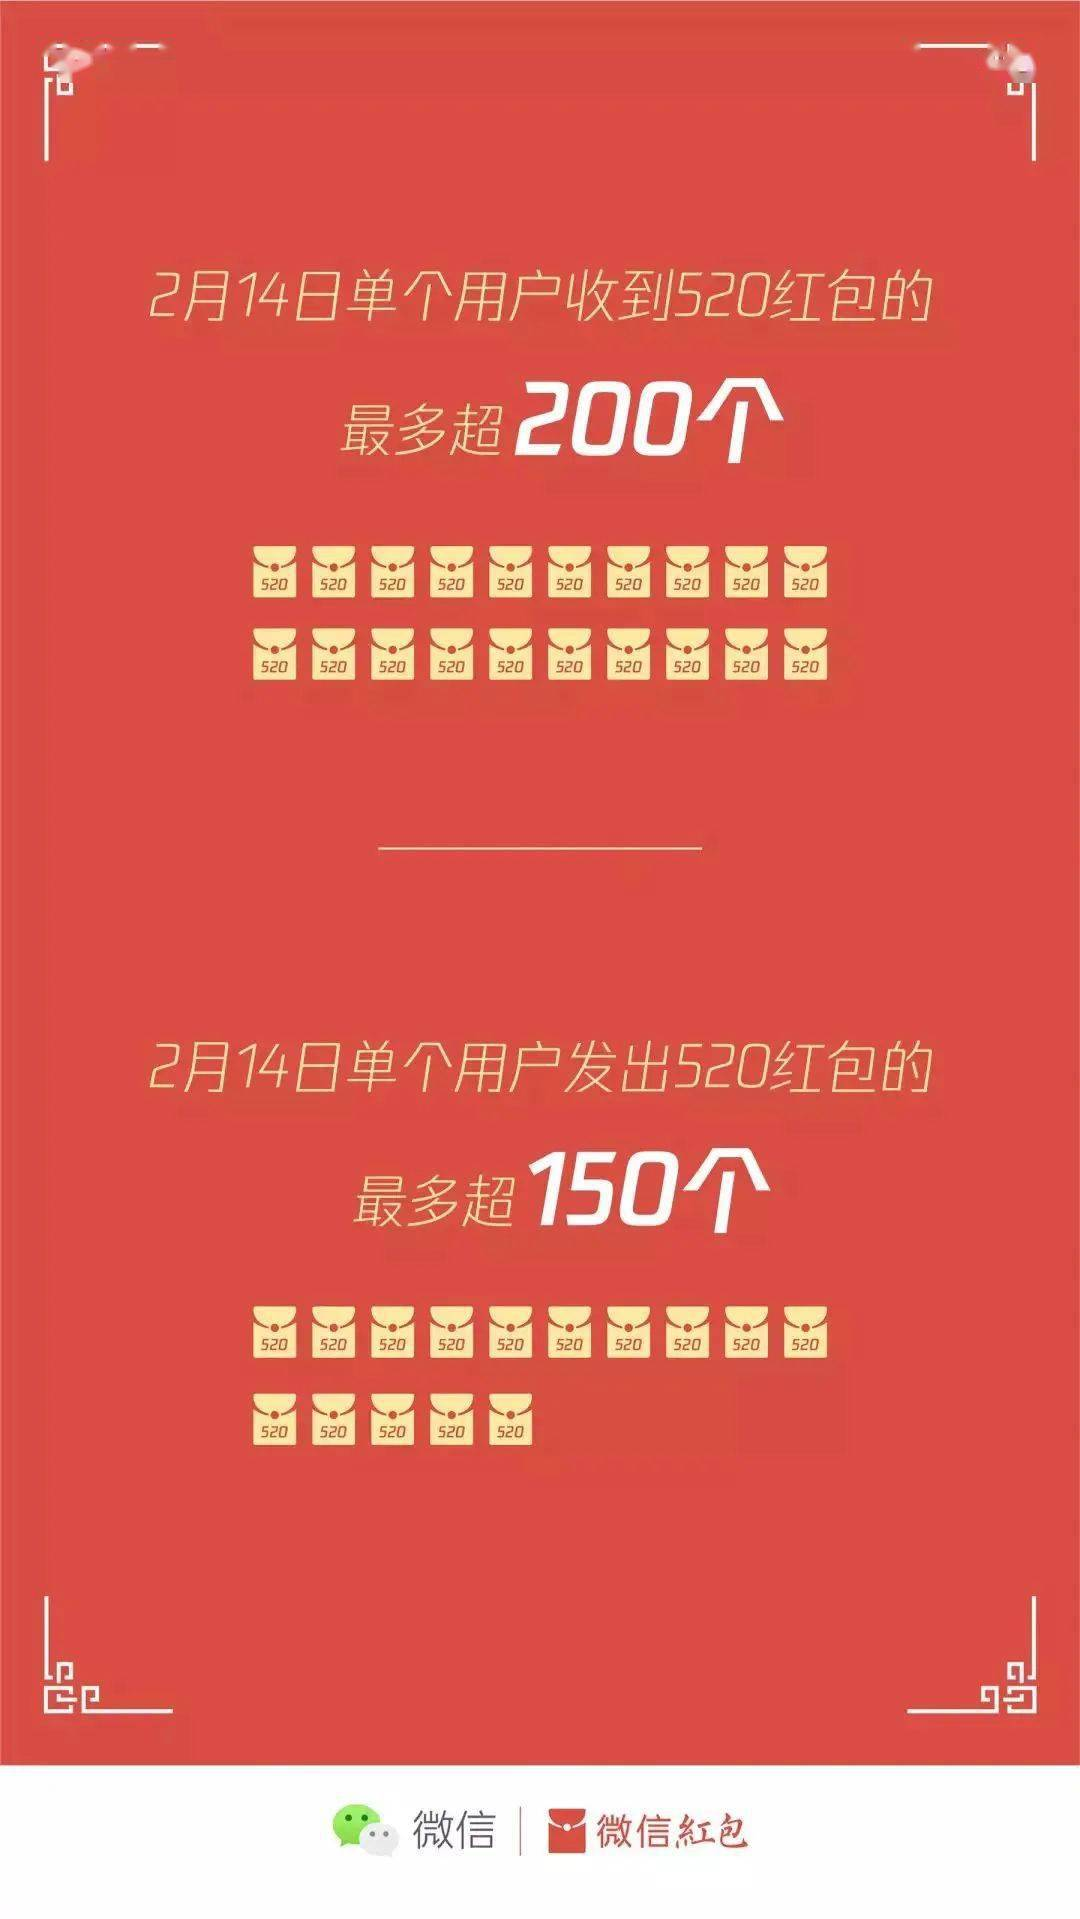 【搞事】情人节大数据:一用户收520红包达200个 海王钓鱼?